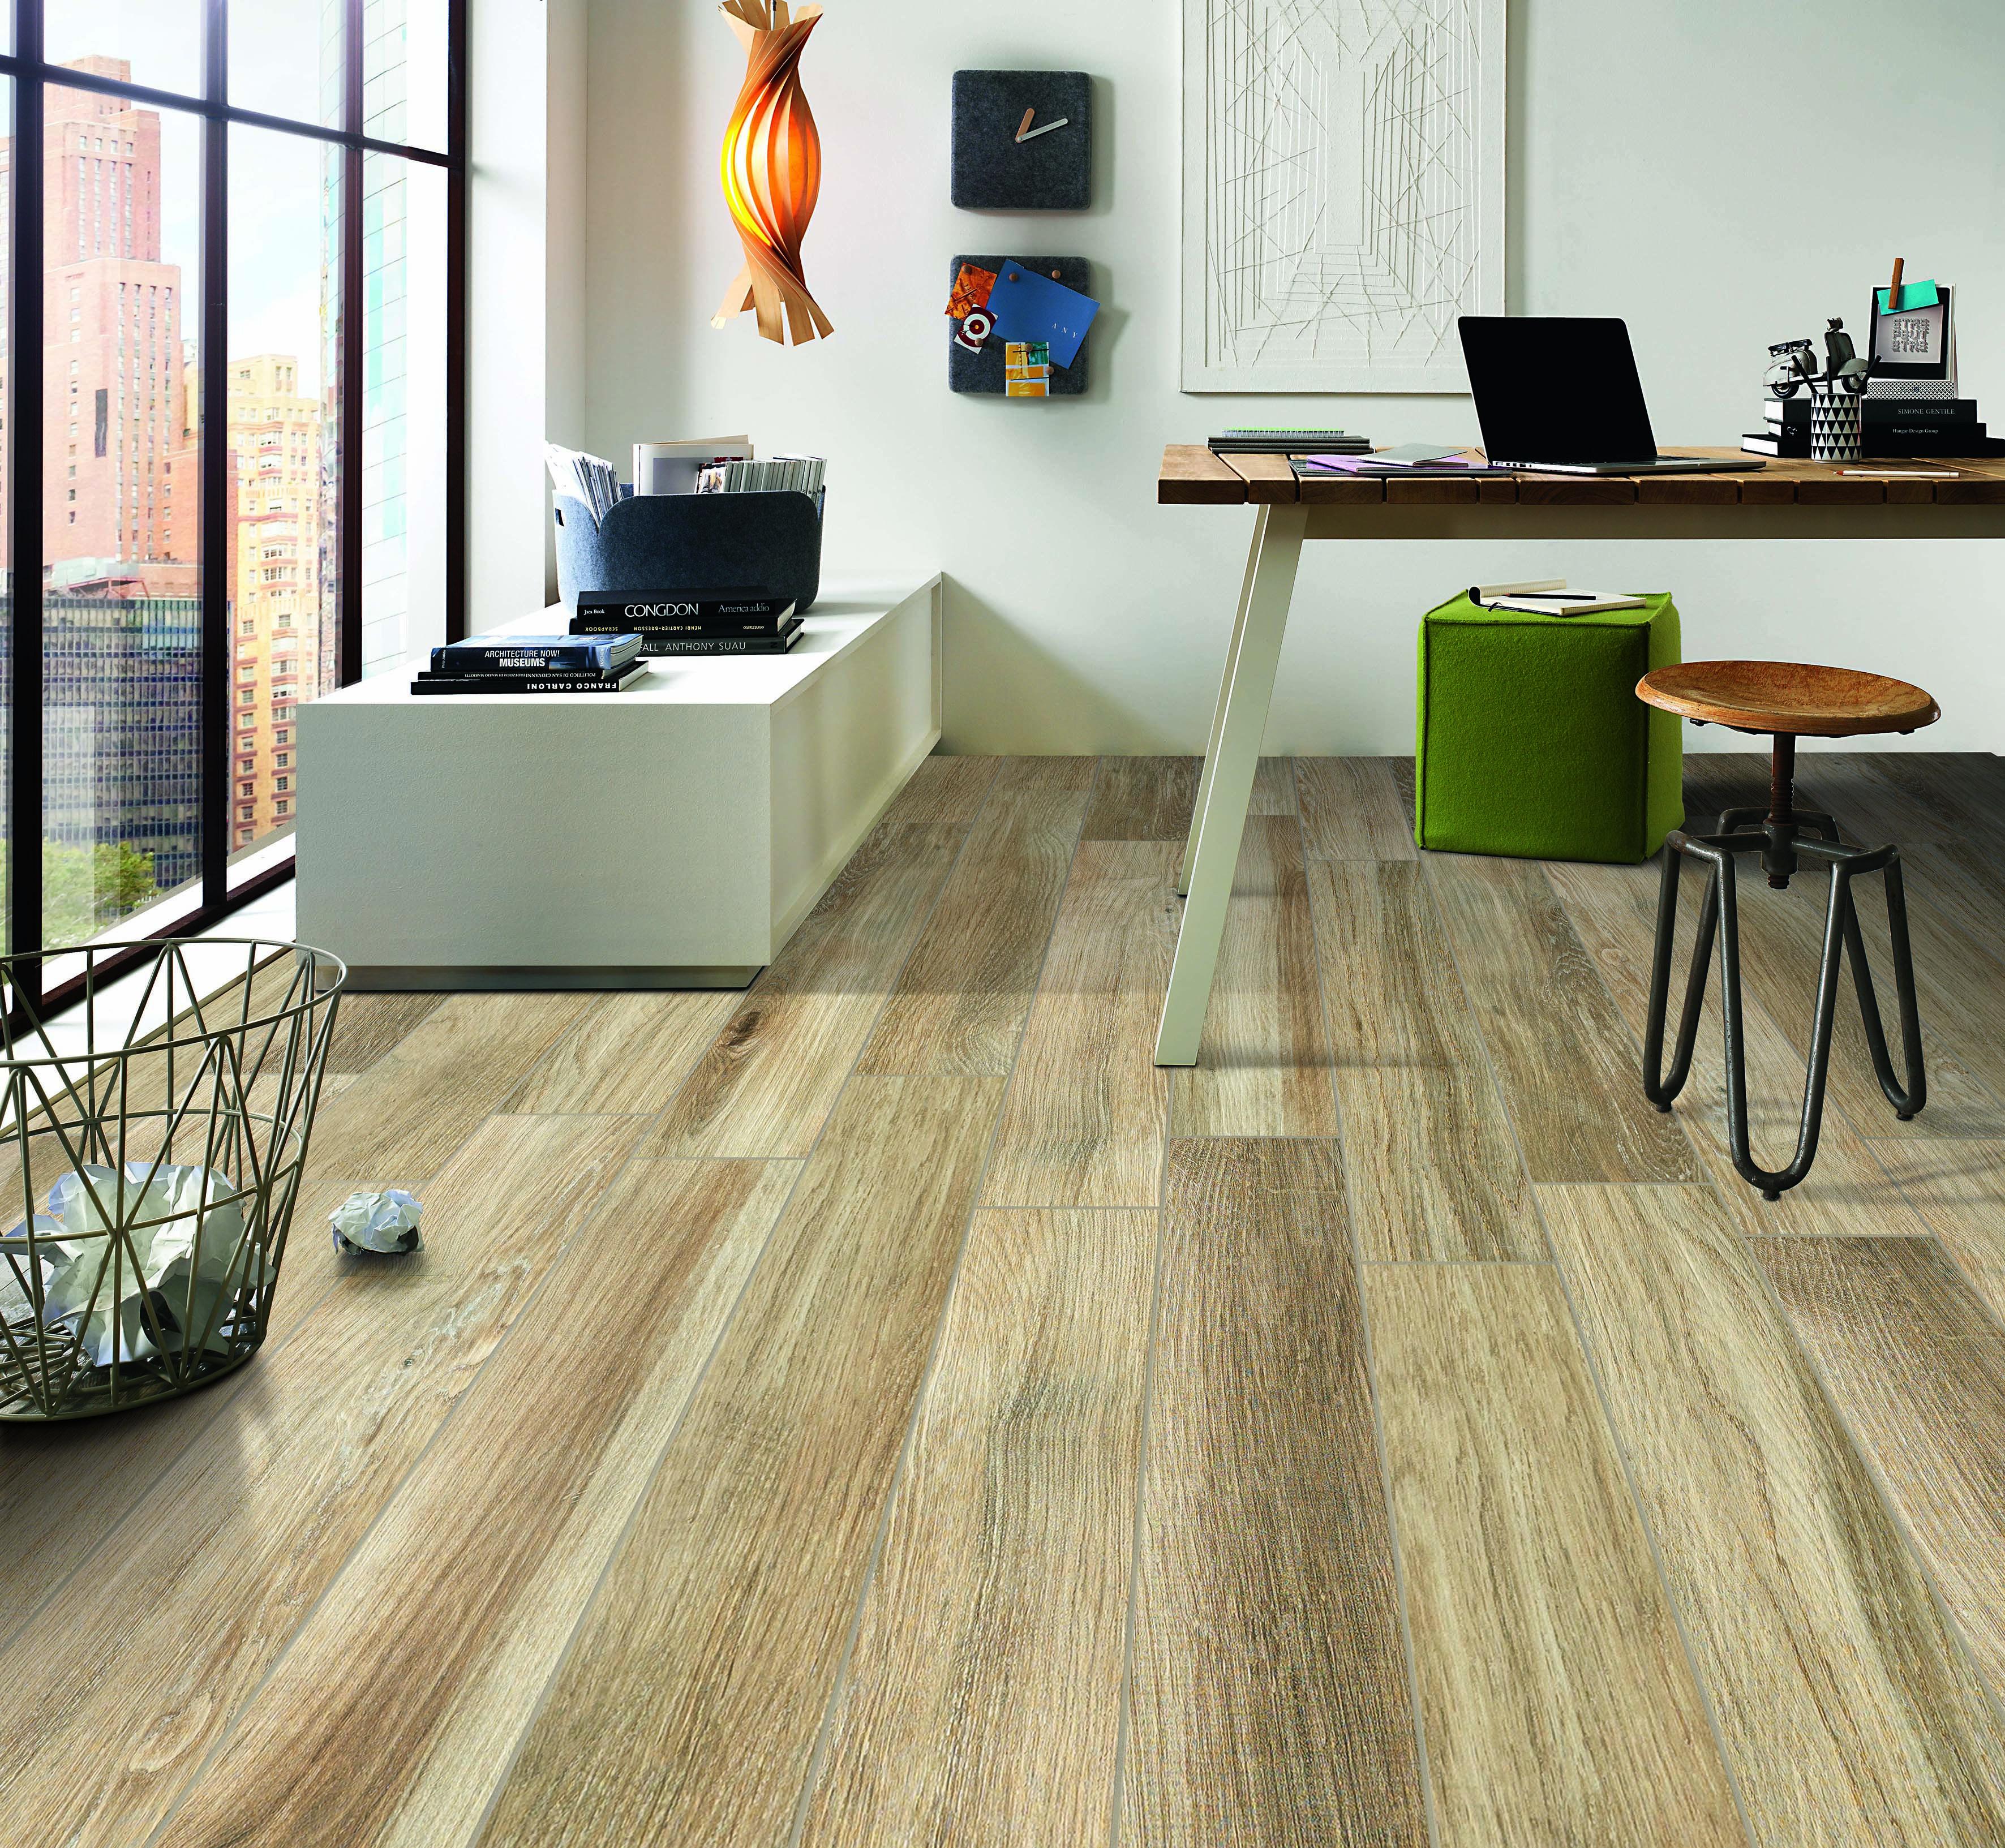 sterk en sfeervol keramisch parket floors and tiles pinterest